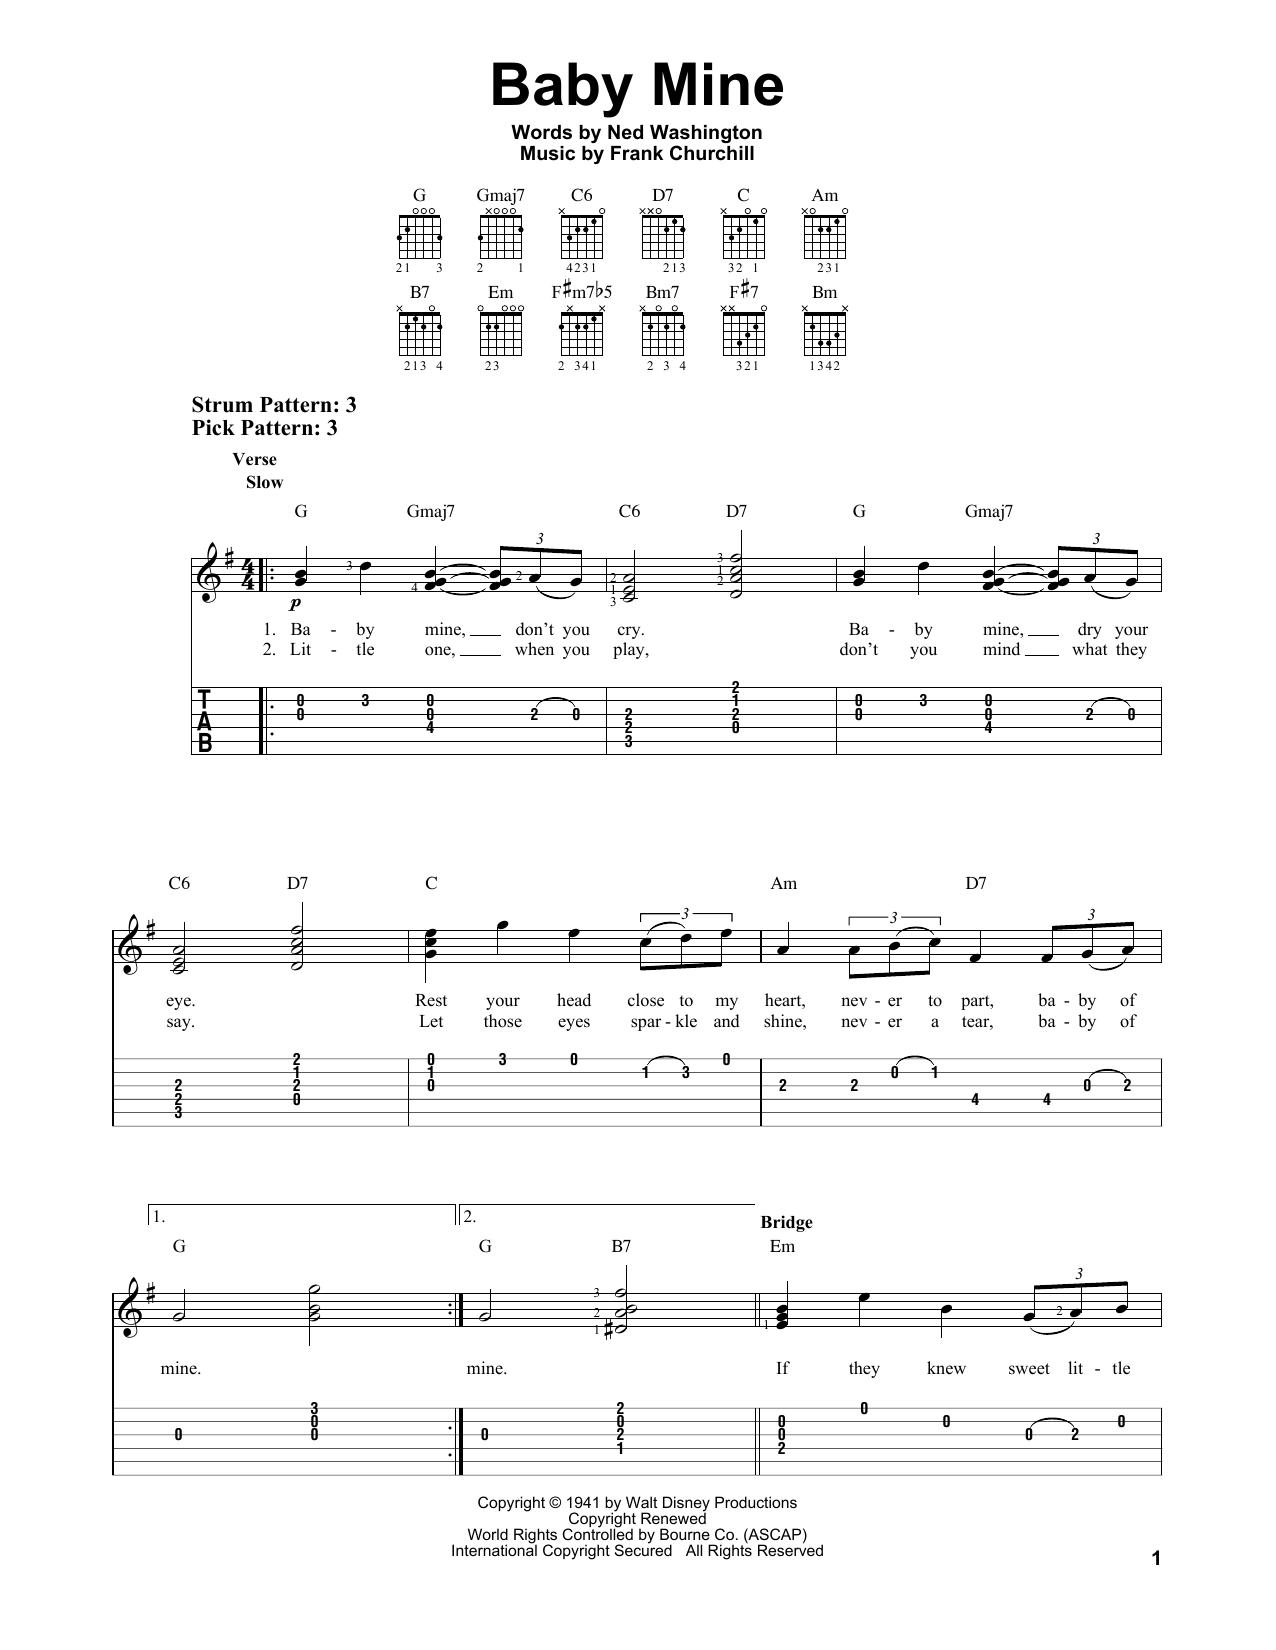 Baby mine dumbo sheet music pdf